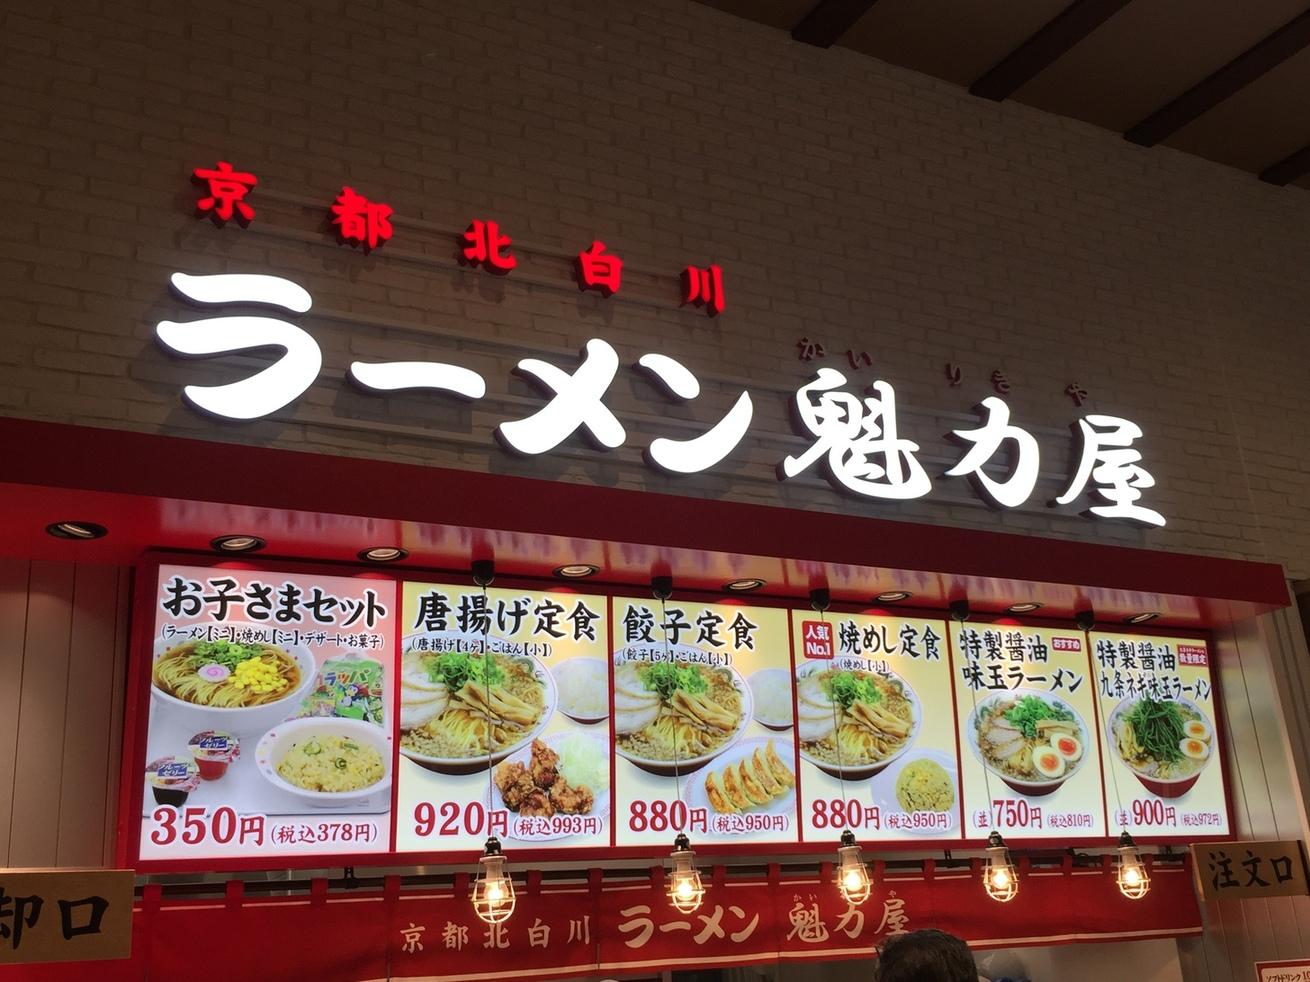 ラーメン魁力屋 mozoワンダーシティ店